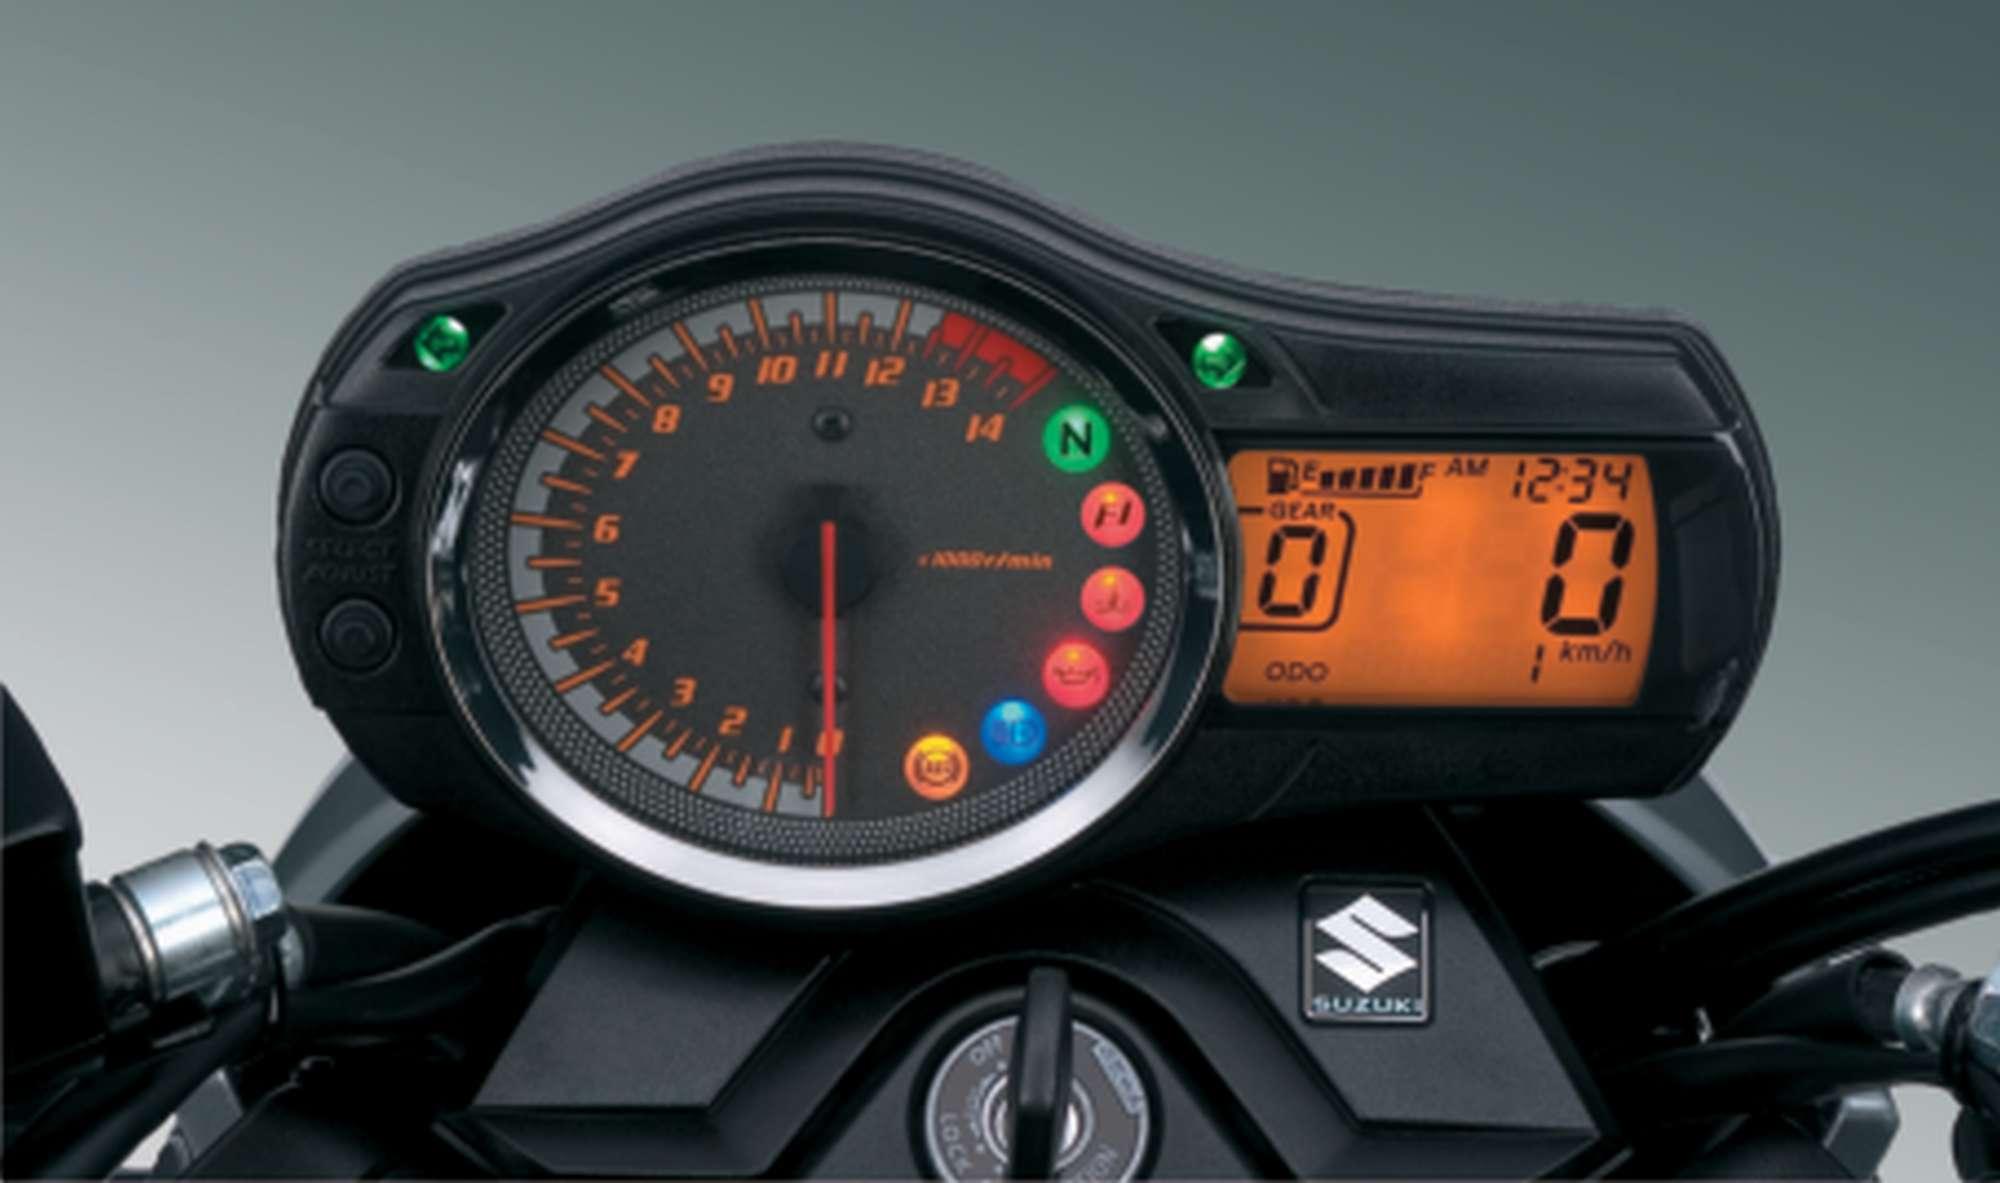 Gebrauchte und neue Suzuki Bandit 650 Motorräder kaufen  Datenblatt Von Abs Terluran H 110